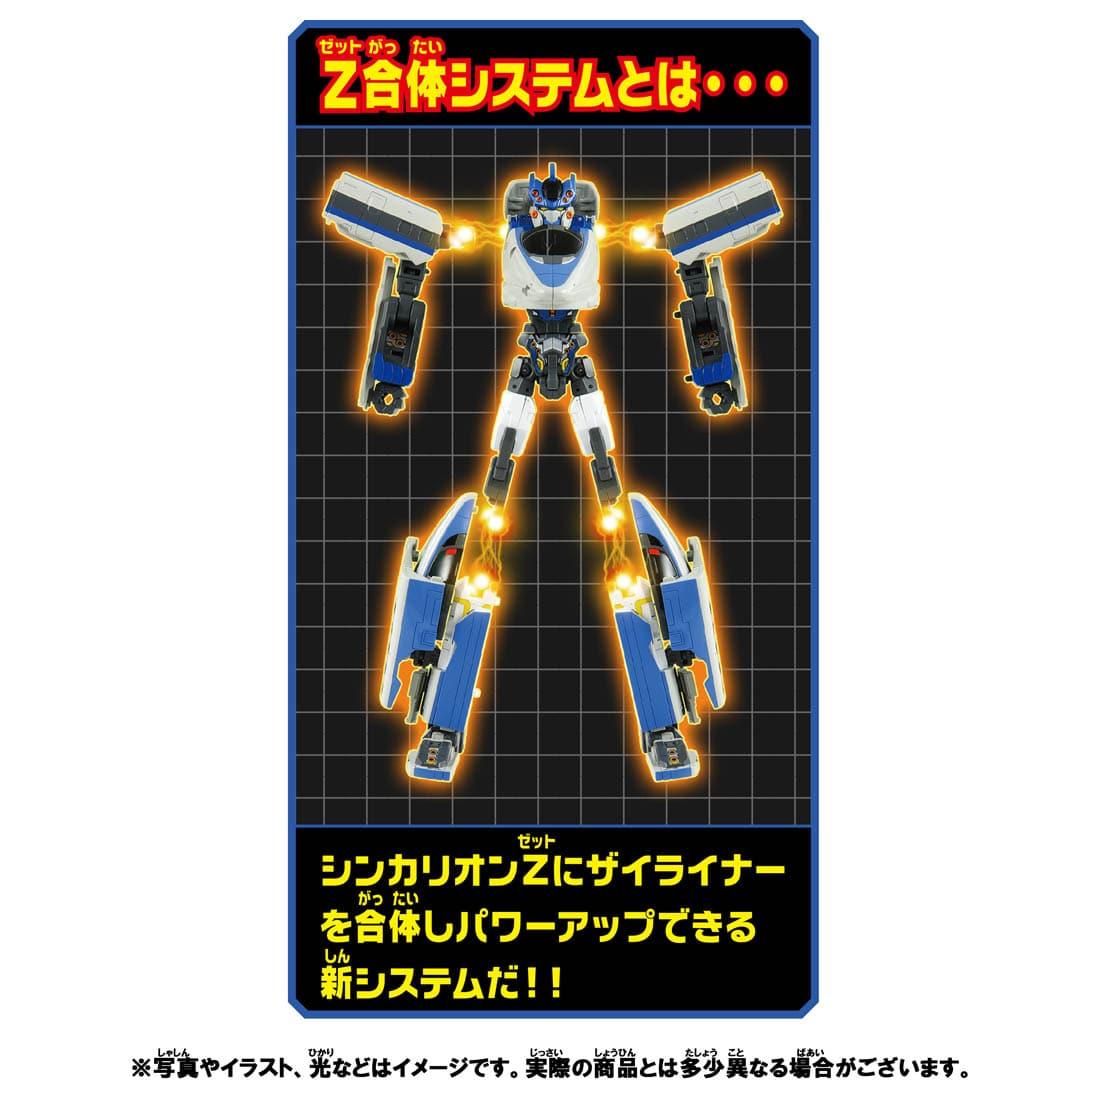 新幹線変形ロボ シンカリオンZ『シンカリオンZ 500オオサカカンジョウセット』可変合体プラレール-004